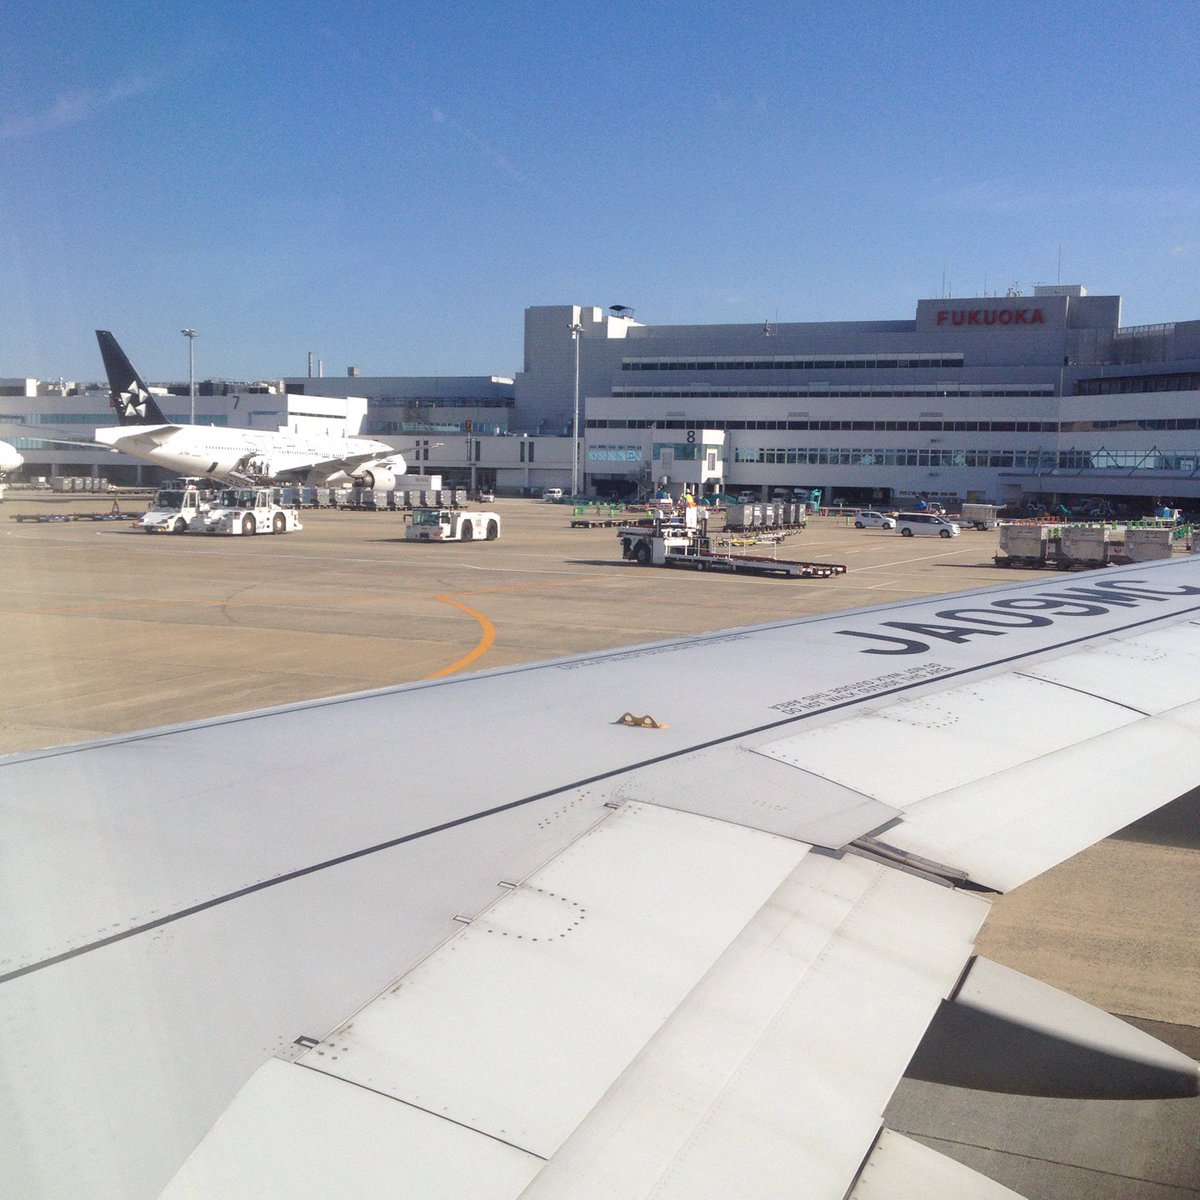 ANA3831 福岡空港 滑走路